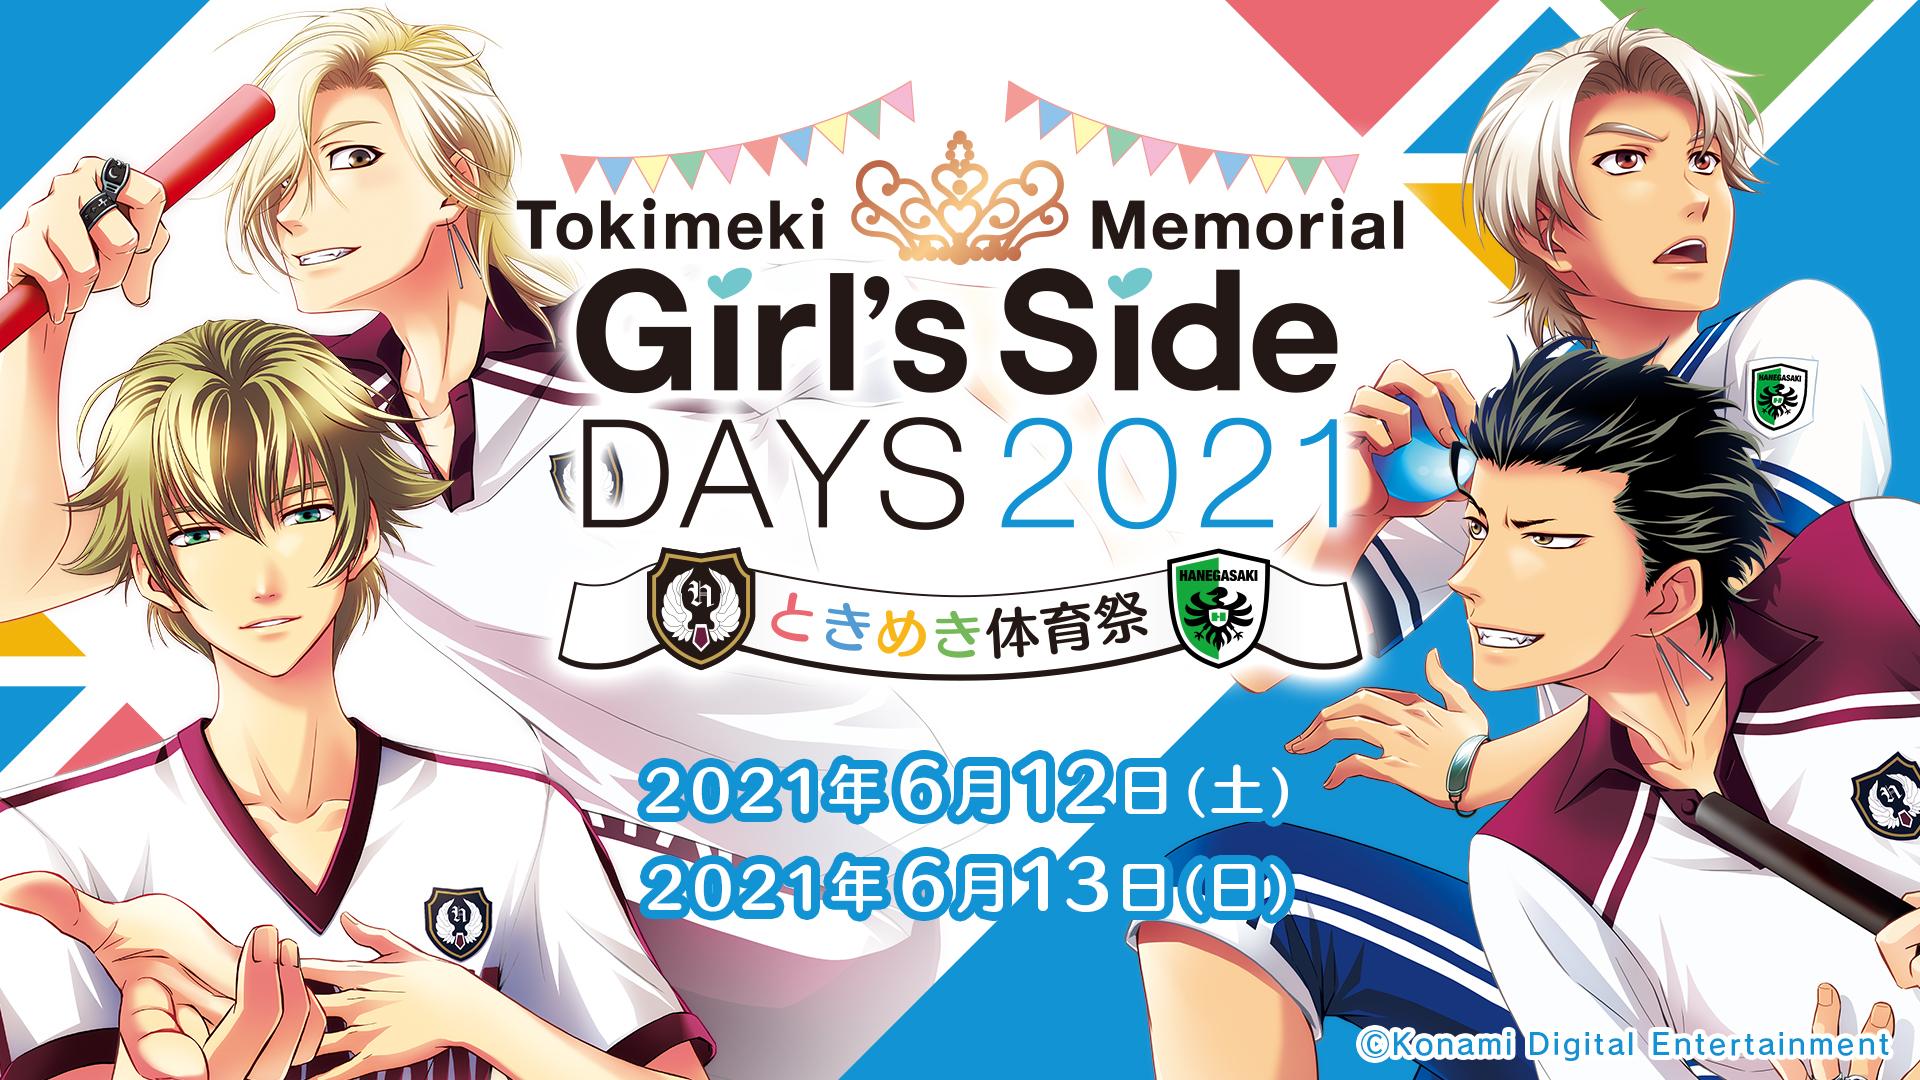 【2021年6月12日(土)】ときめきメモリアル Girl's Side DAYS 2021 ときめき体育祭 |